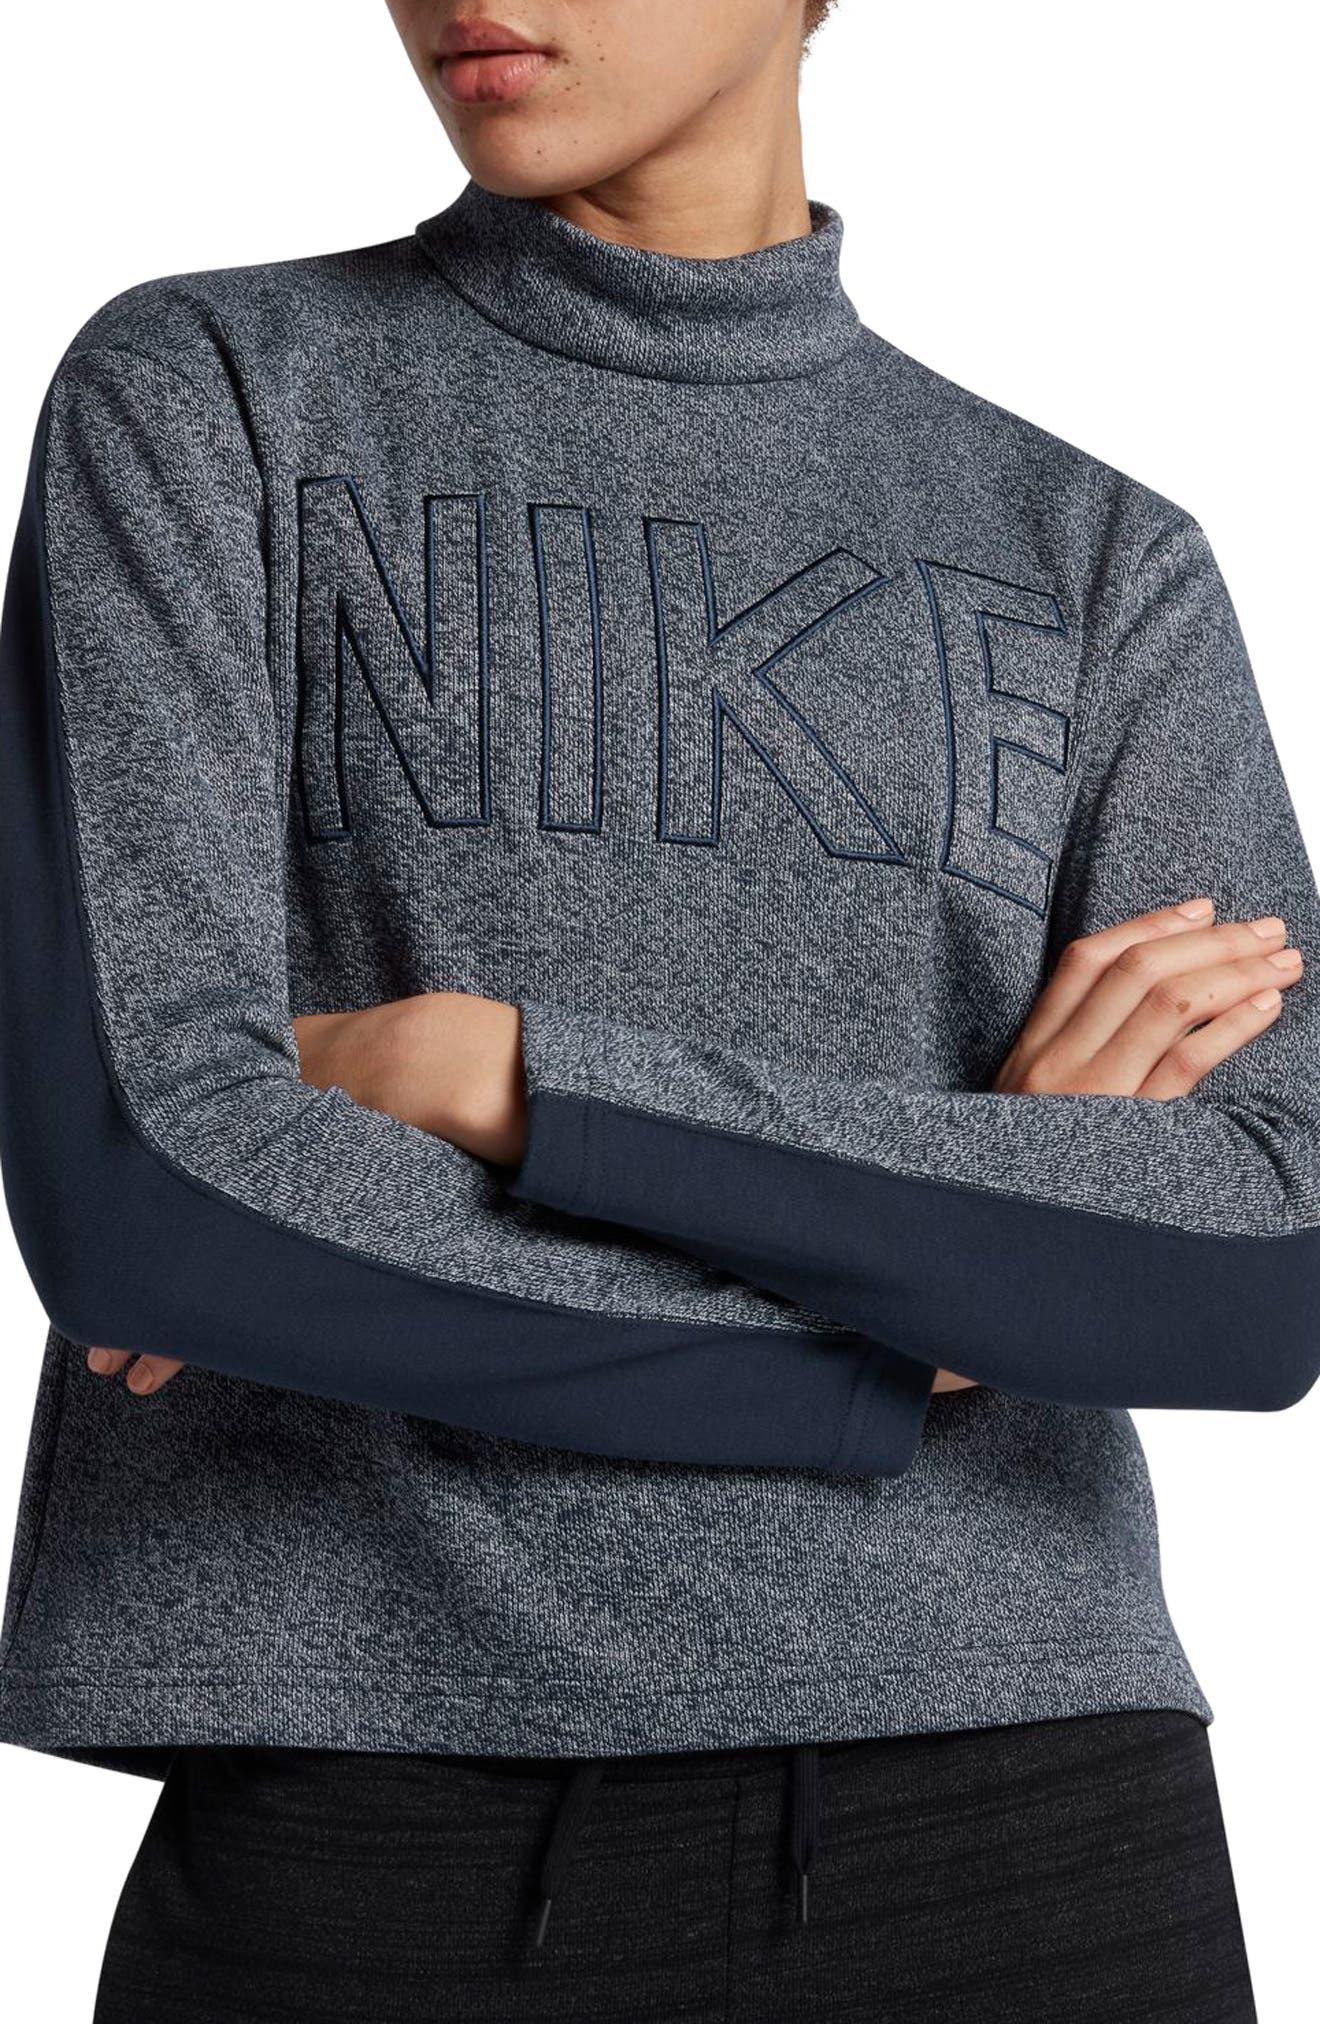 Women's Sportswear Jersey Top,                         Main,                         color, 451